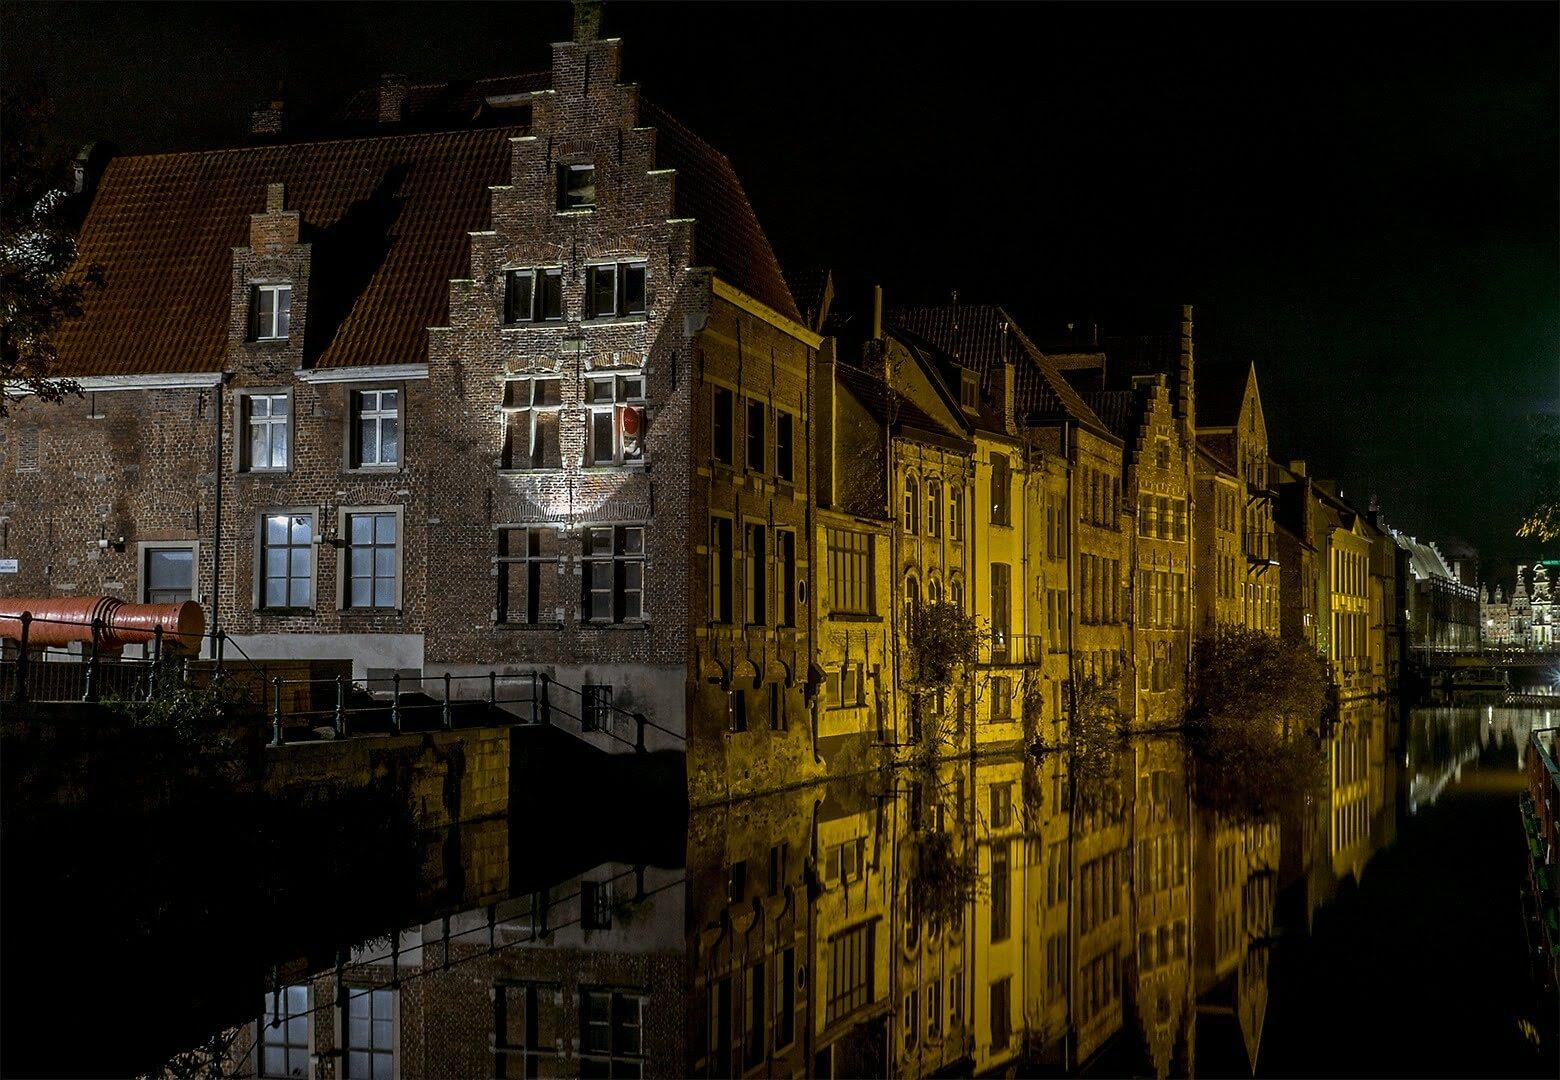 Foto van de Kraanlei, Gent in het donker. De foto is van over het water genomen. Door de lange sluitertijd spiegelen de gebouwen in het water.